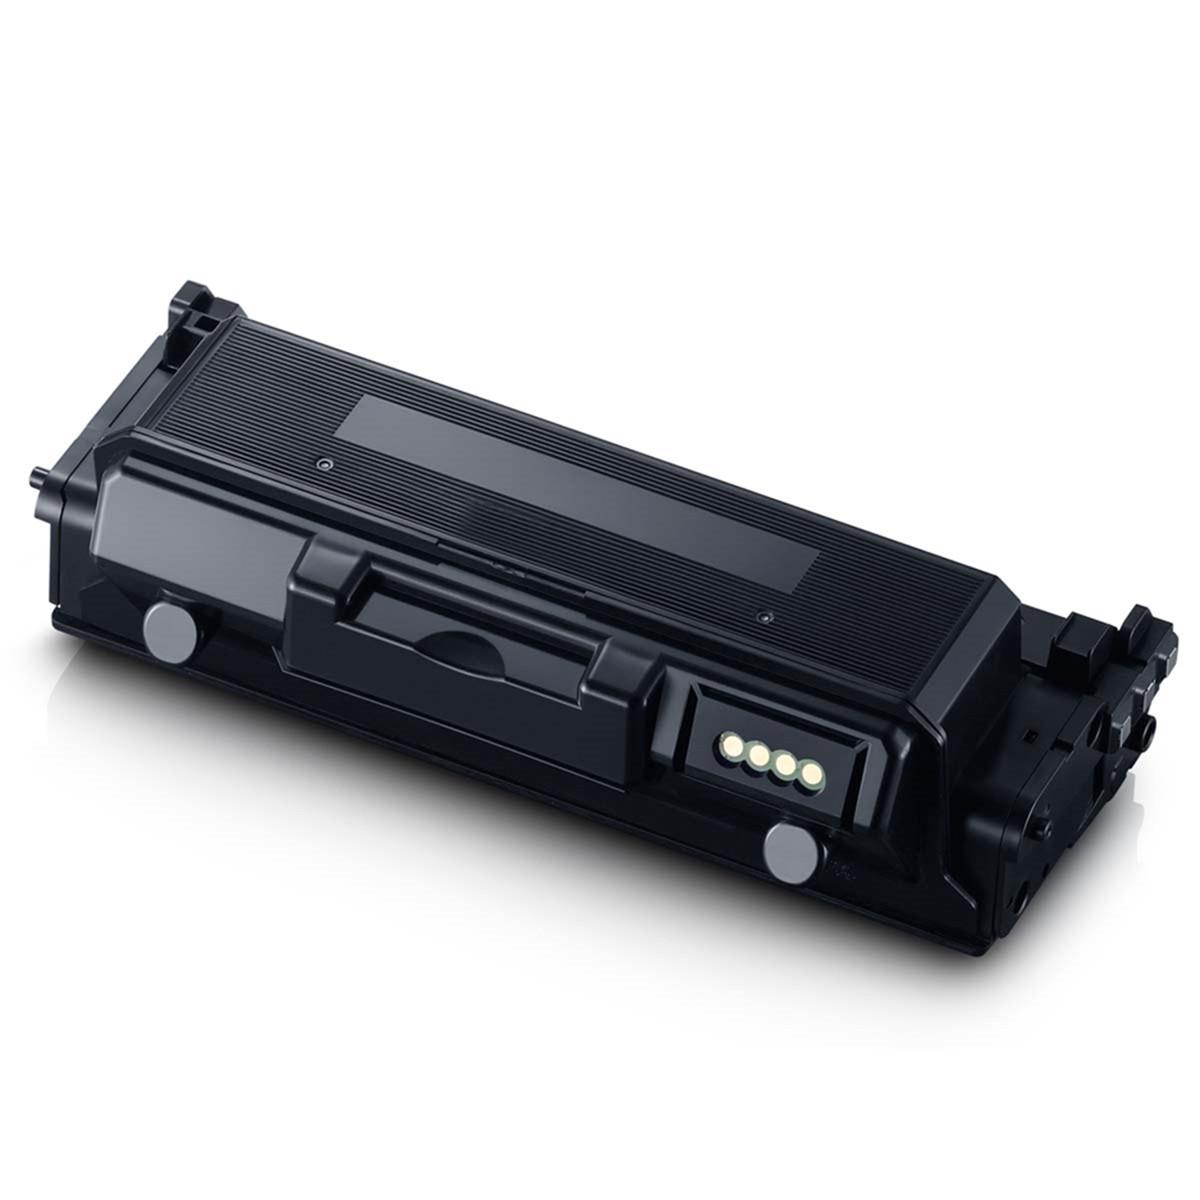 Toner Compatível com Samsung D204 MLT-D204L   M3825 M4025 M3325 M3875 3375 4075   Premium Quality 5k